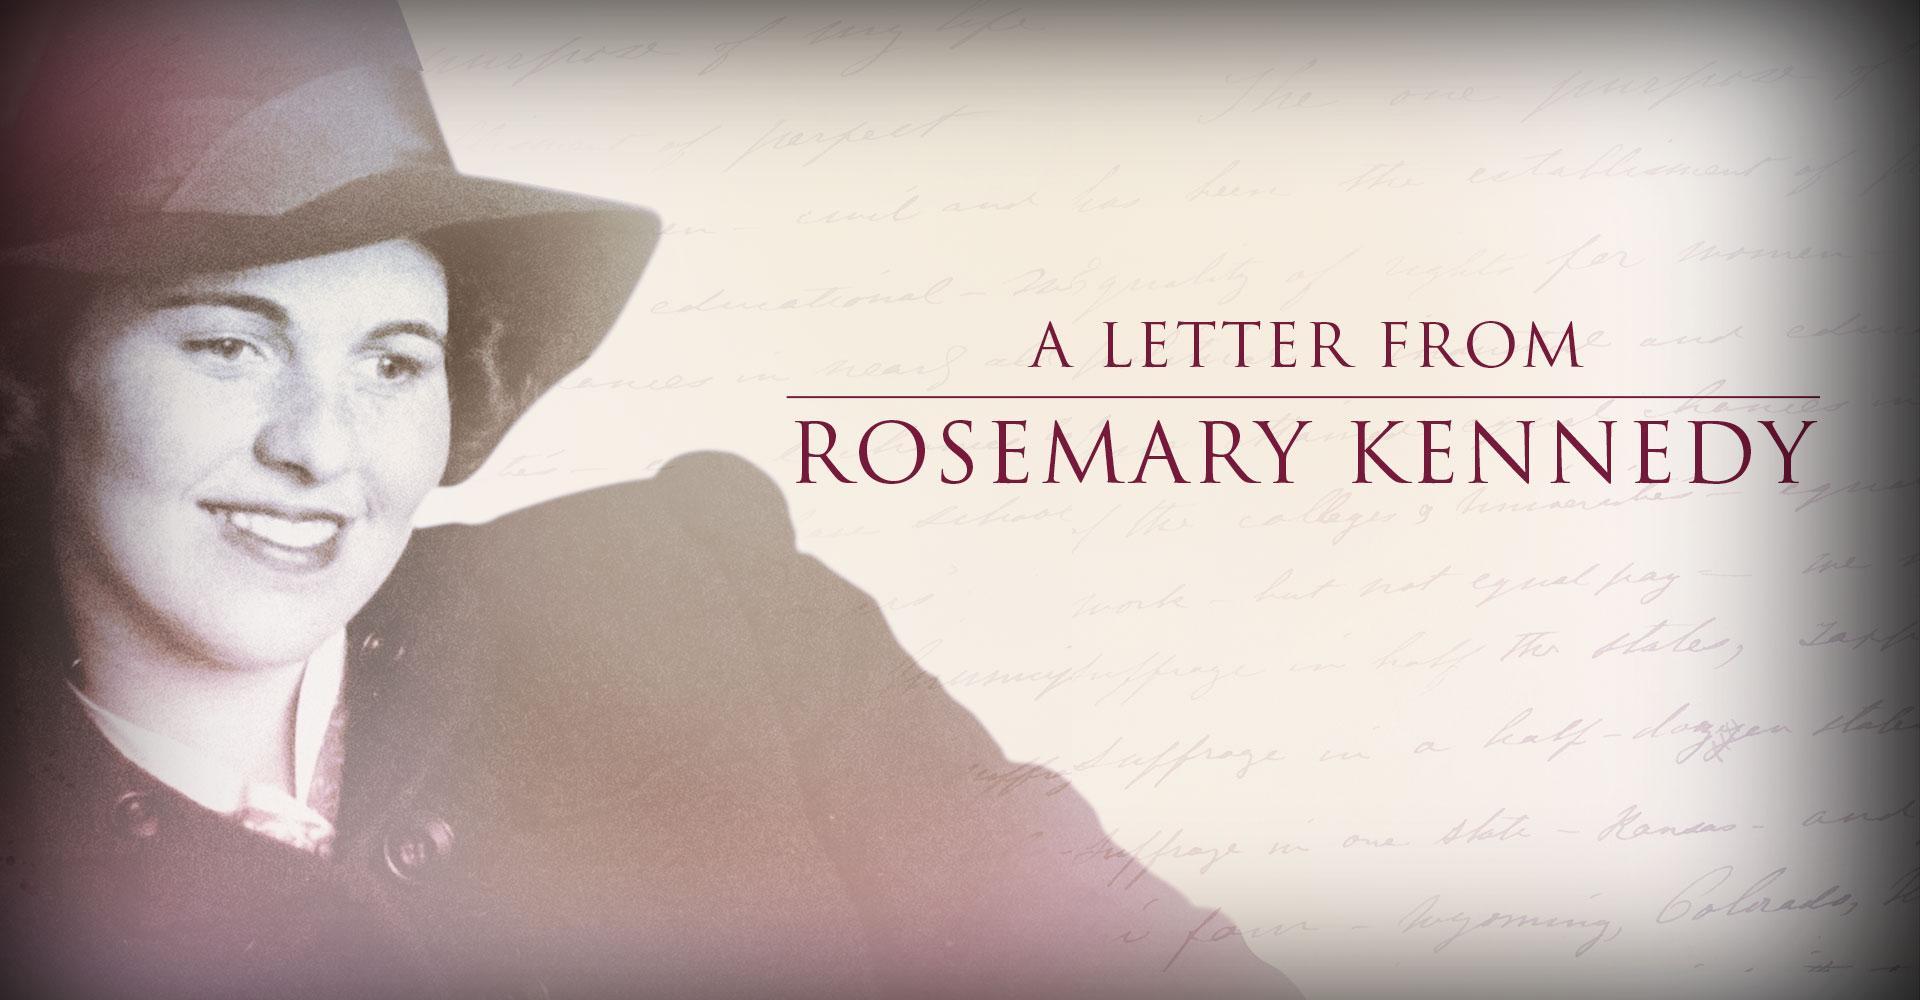 Assistir grátis Uma Carta de Rosemary Kennedy Online sem proteção